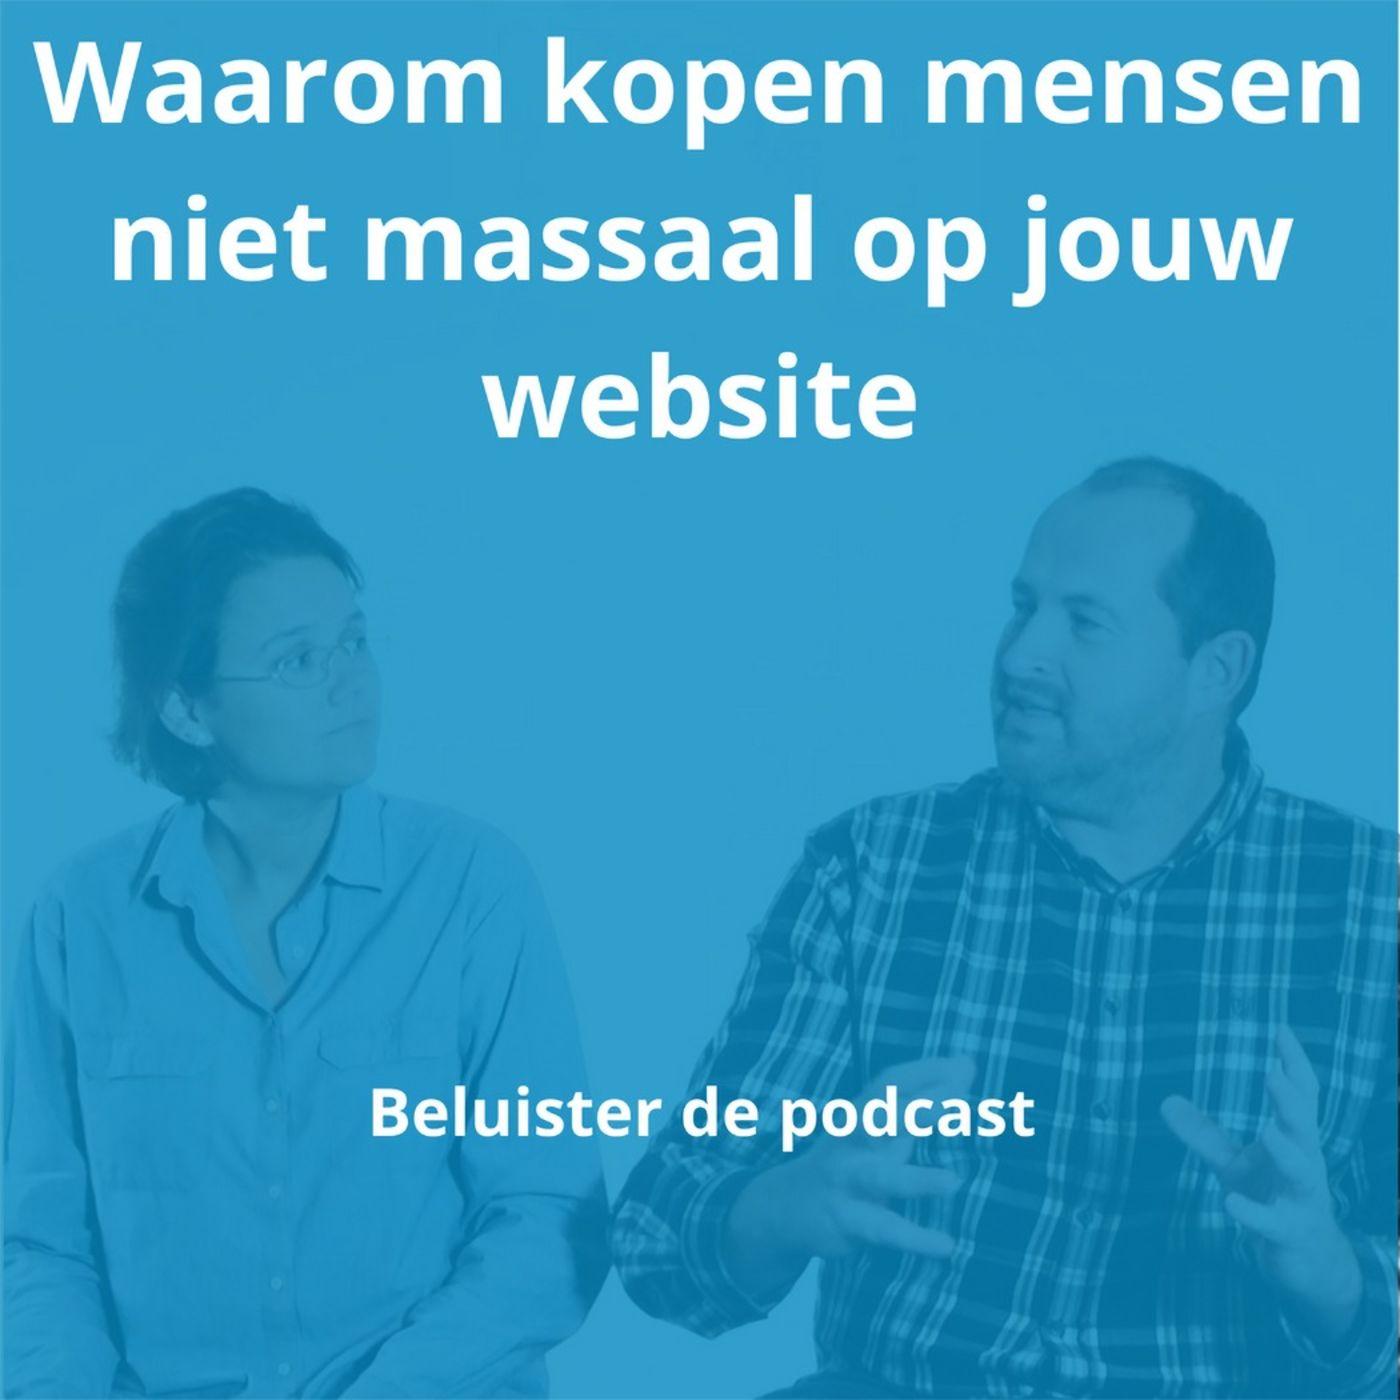 #1 Waarom mensen niet op jouw website kopen